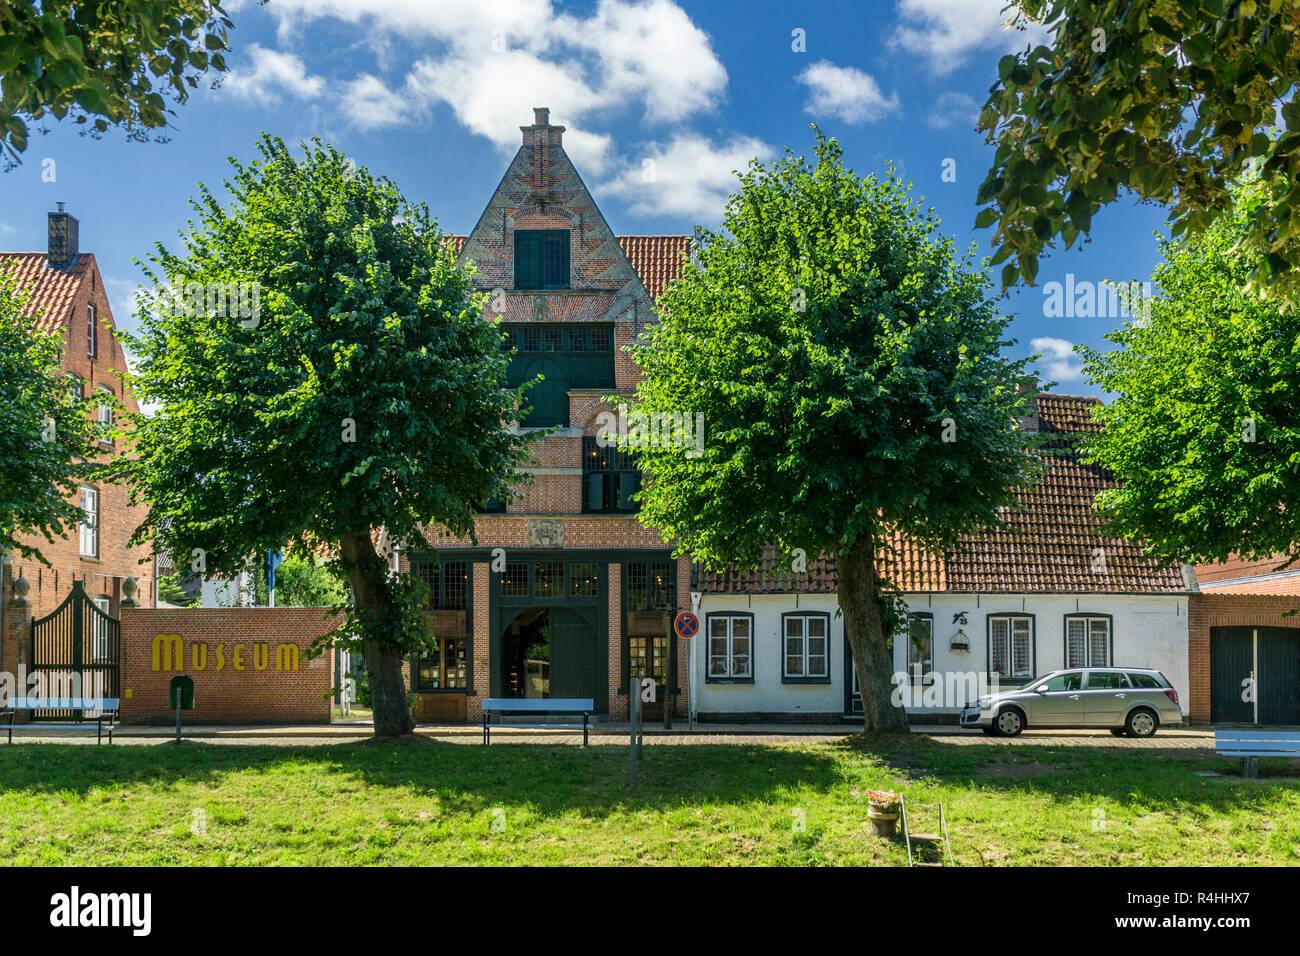 Nordfriesland Friedrichs Stadt Museum Der Stadt In Der Renaissance